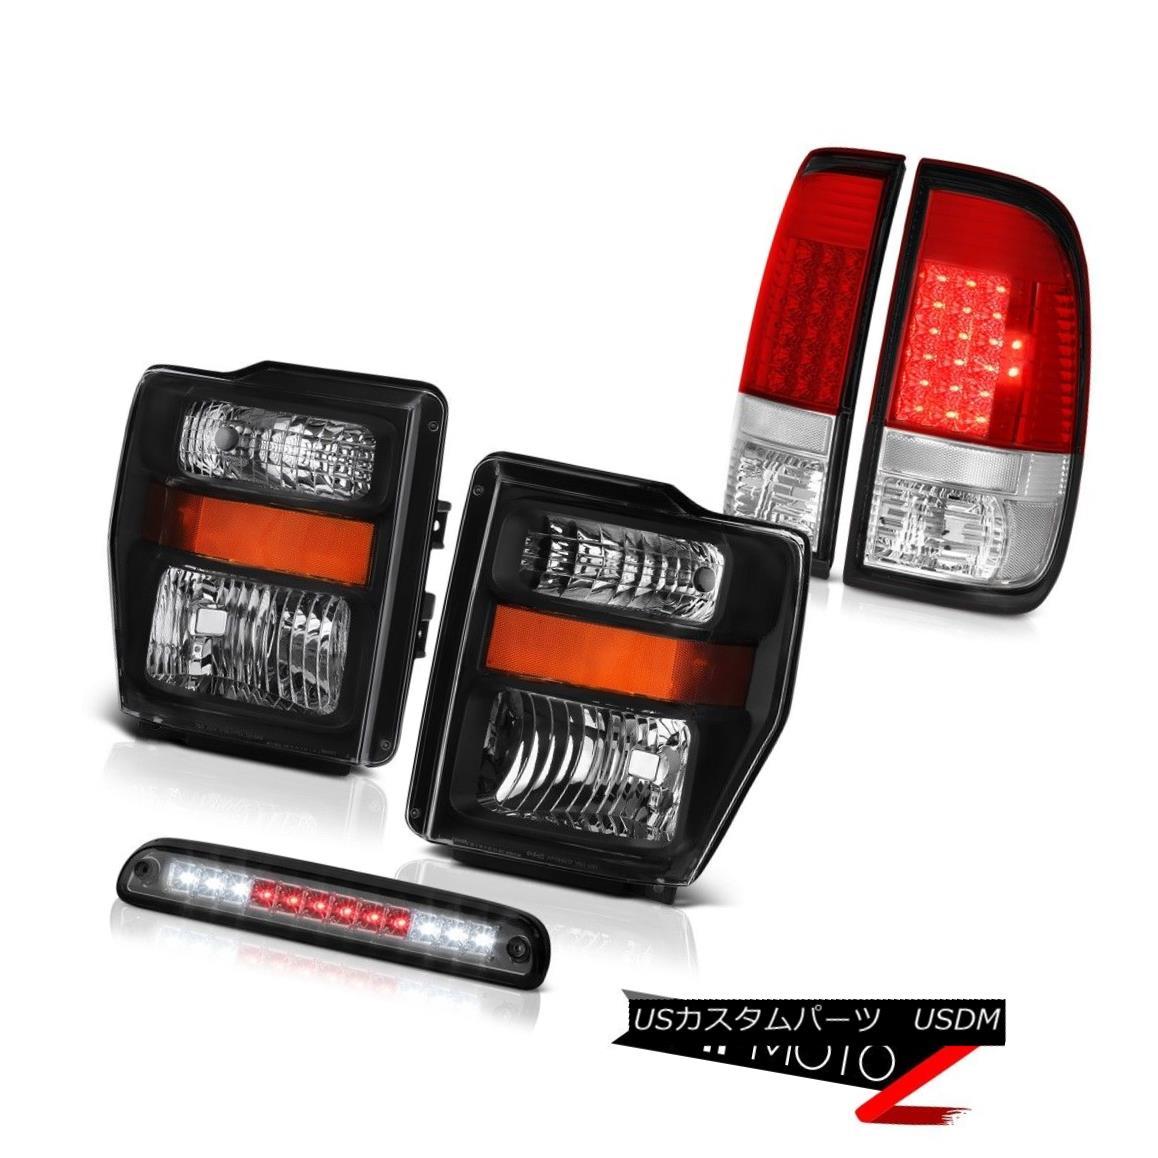 ヘッドライト 08-10 F250 Power Stroke V8 Clear/Black Headlights LH+RH LED Brake Lights Tinted 08-10 F250パワーストロークV8クリア/ブラックヘッドライトLH + RH LEDブレーキライト